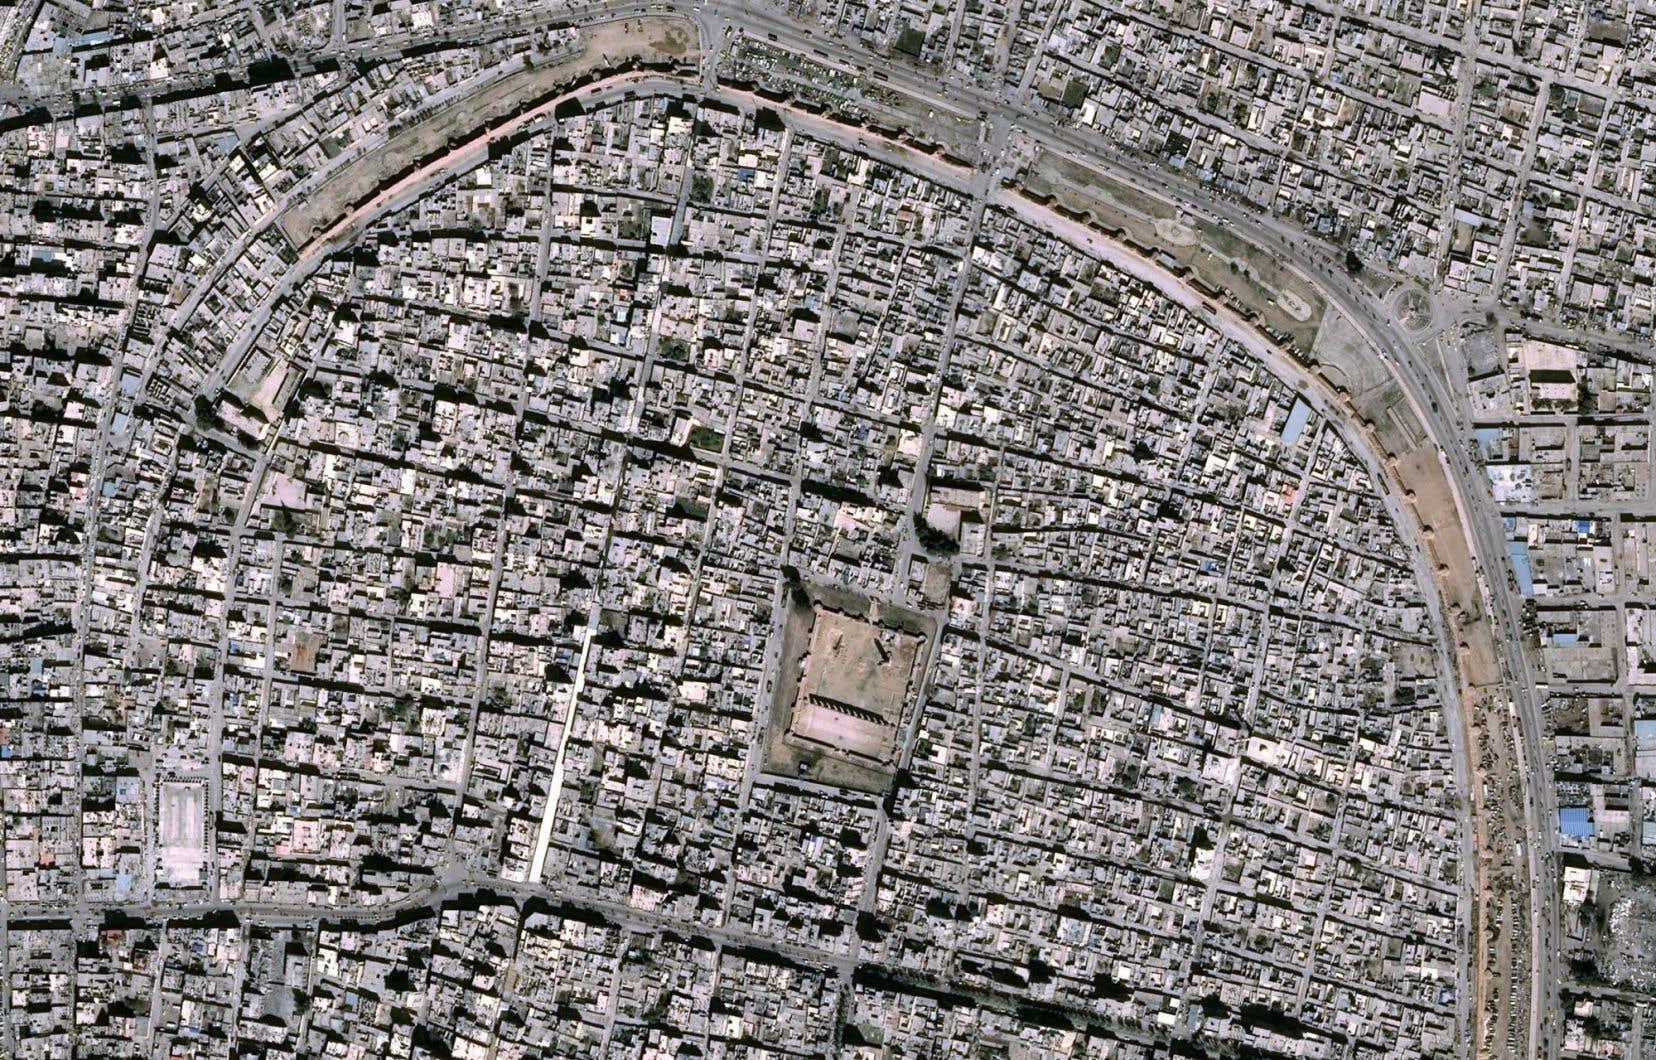 L'alliance anti-groupe EI s'empare de la vieille ville de Raqqa en Syrie